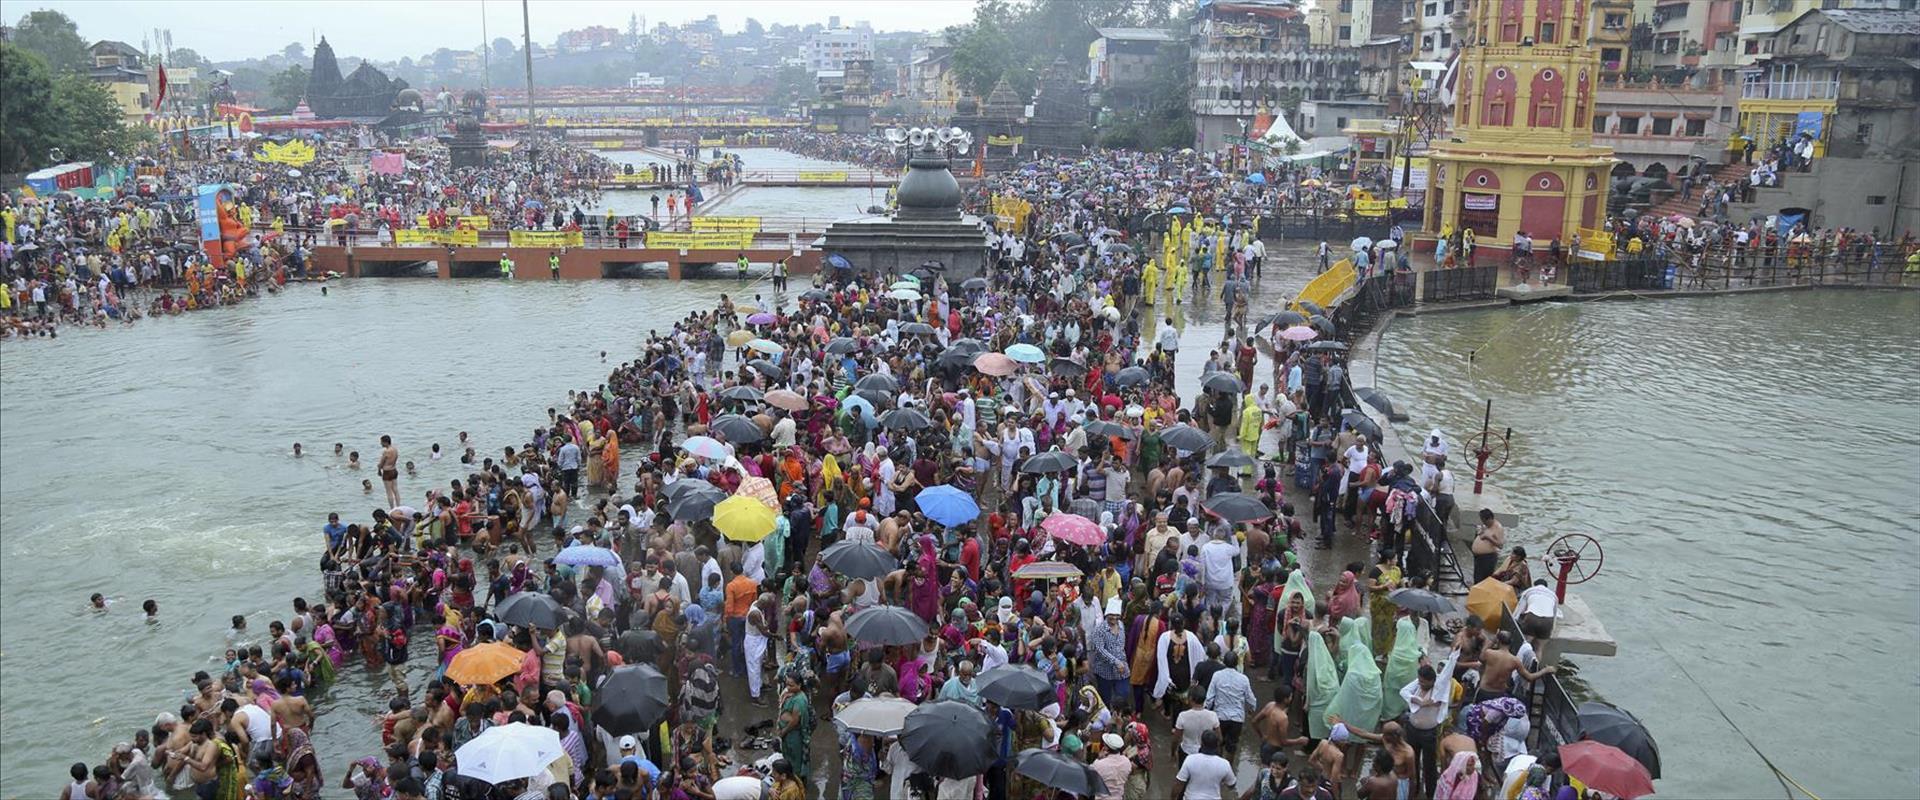 נהר גודווארי, דרום הודו